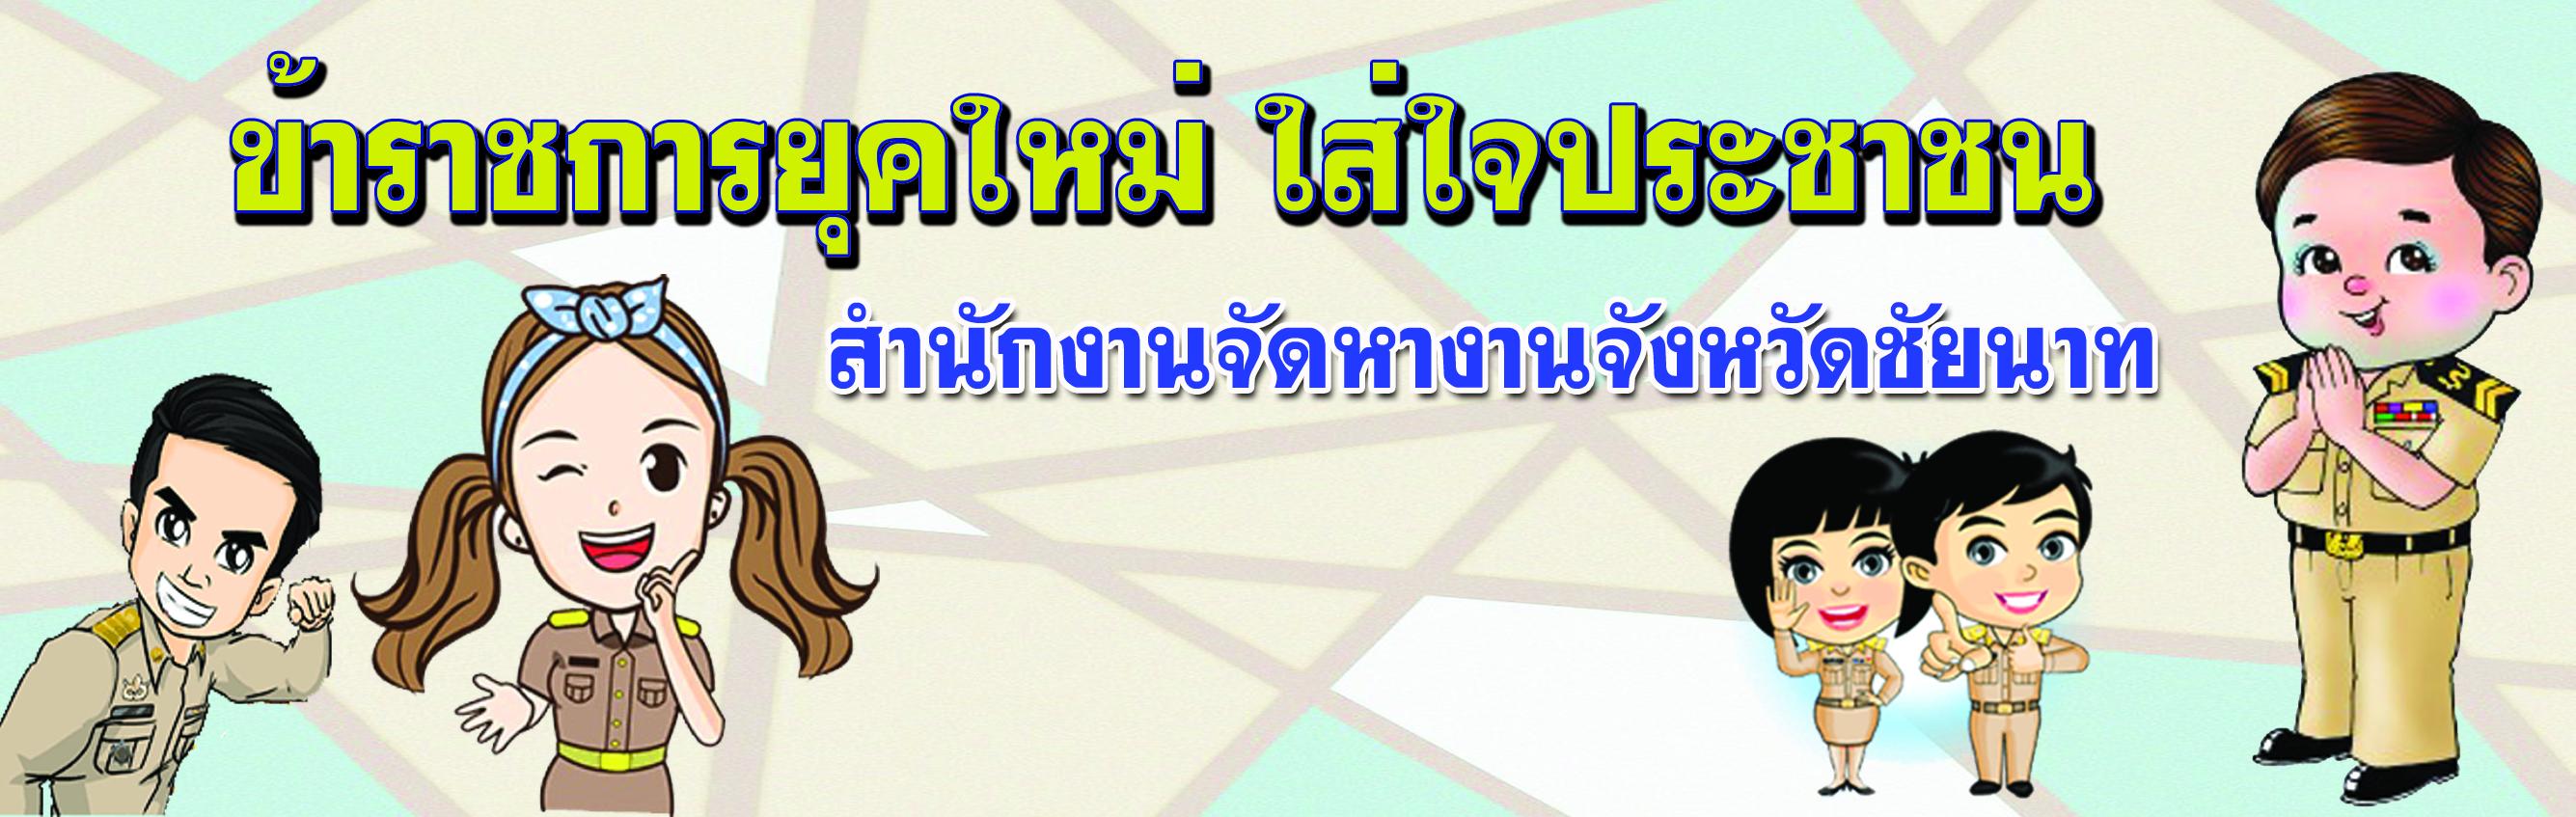 ข้าราชการไทย ใส่ใจประชาชน